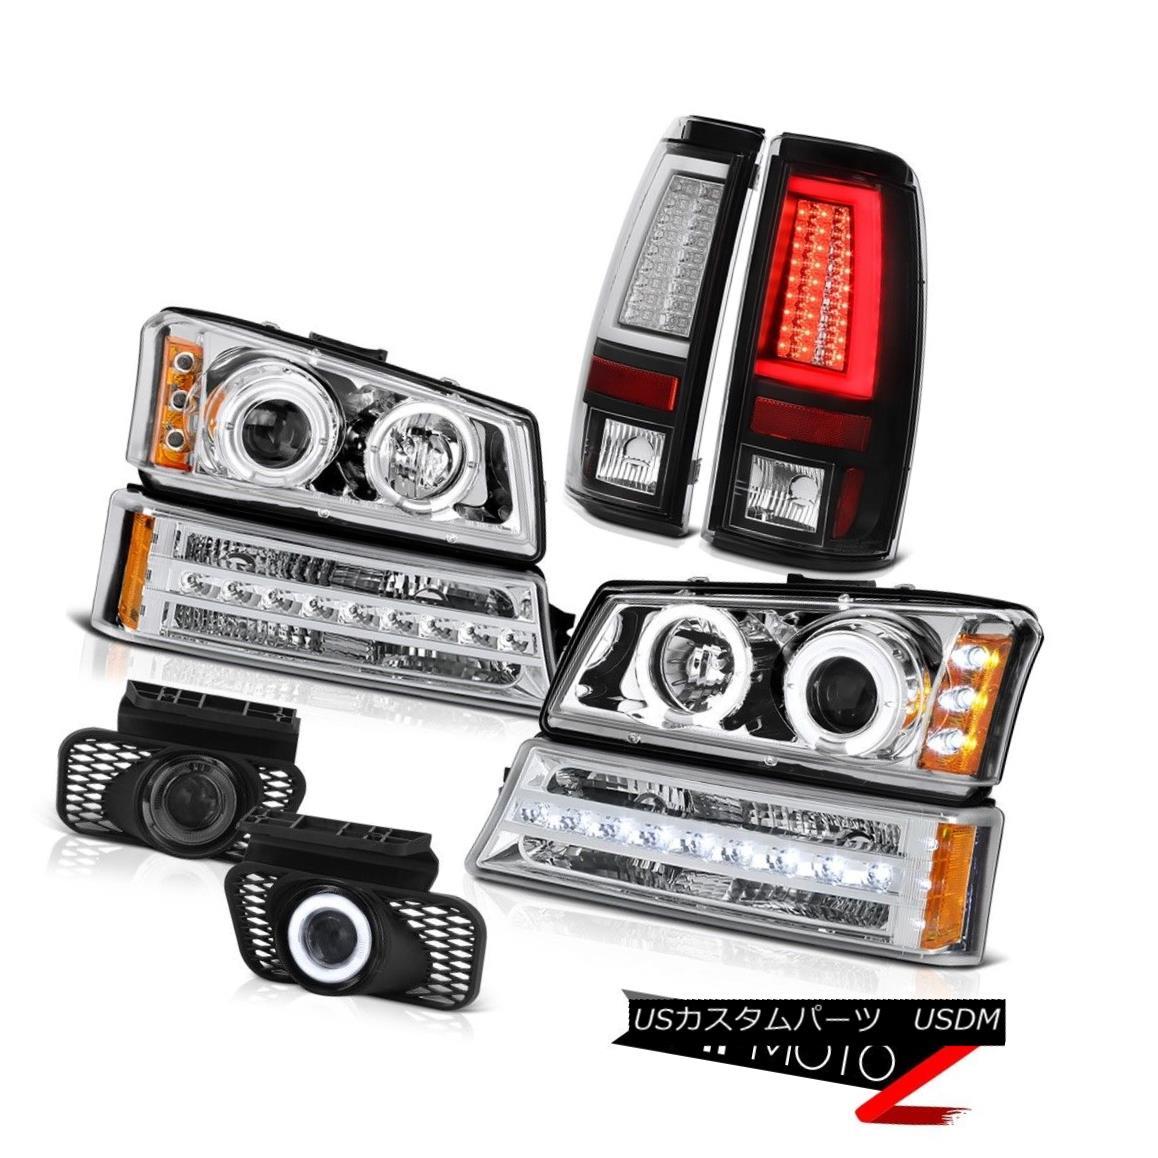 ヘッドライト 2003-2006 Silverado 1500 Tail Lamps Fog Chrome Turn Signal Projector Headlights 2003-2006 Silverado 1500テールランプフォグクロームターンシグナルプロジェクターヘッドライト